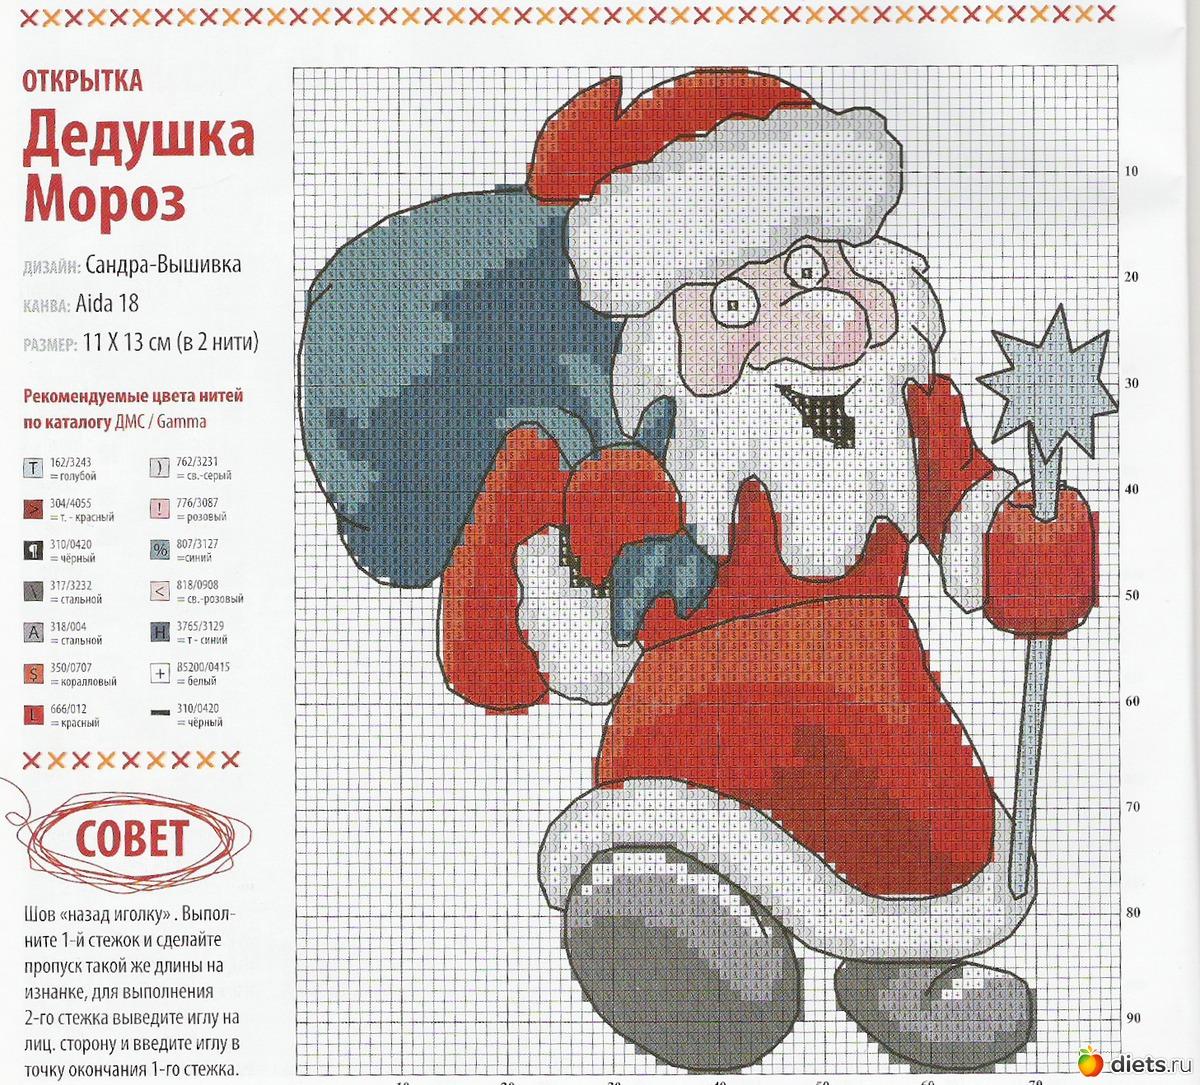 Вышивка крестом картин с изображением Деда Мороза 99